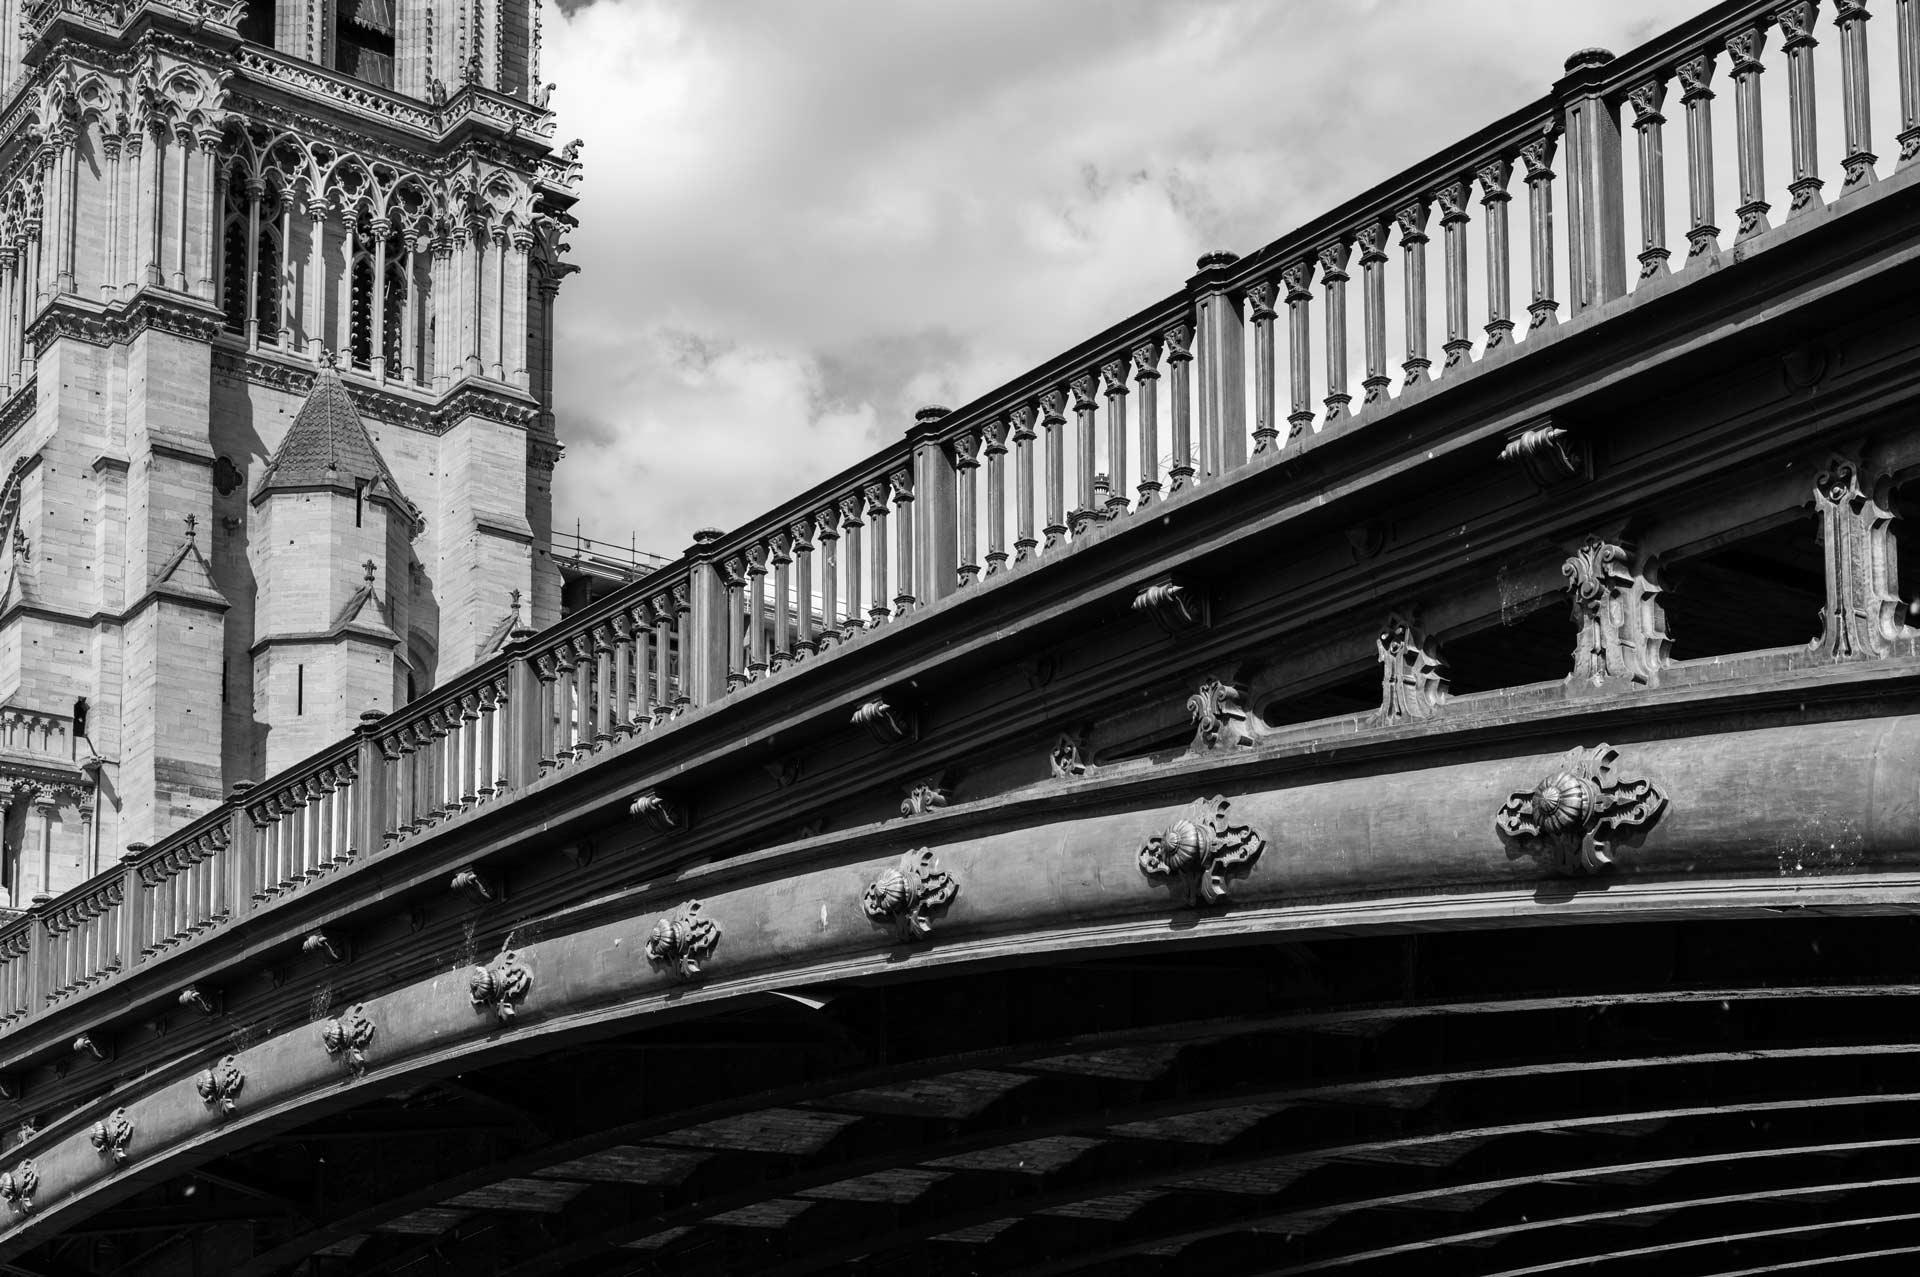 Pont au double - Paris